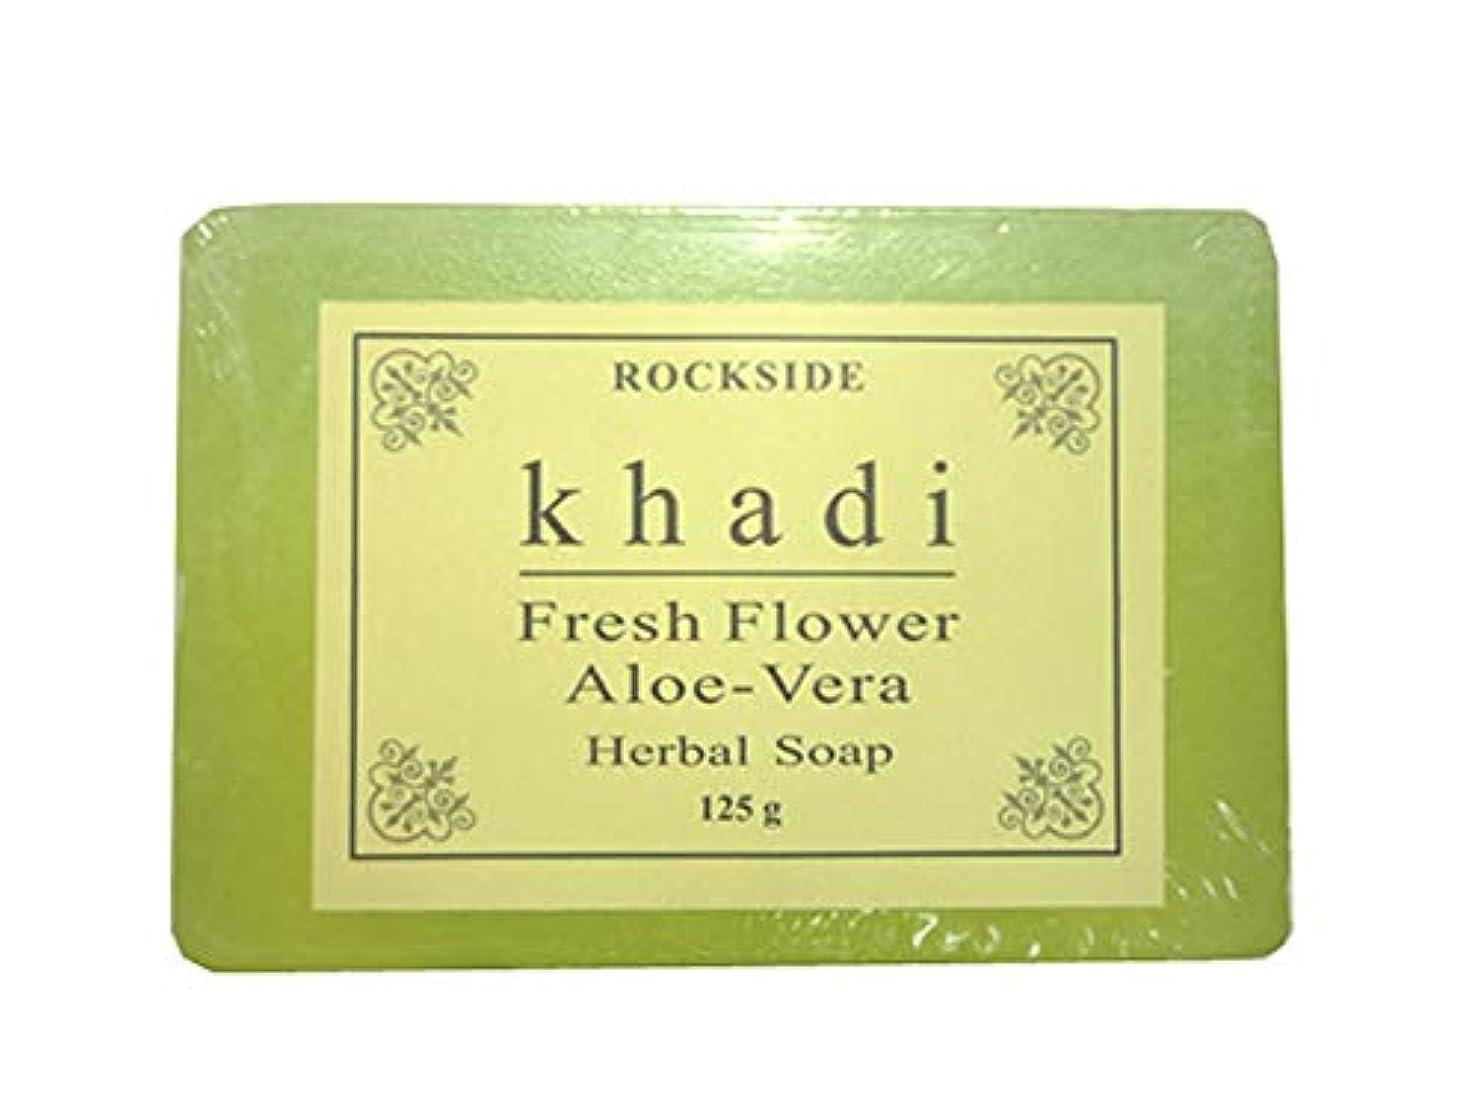 後ろに安息たまに手作り  カーディ フレッシュフラワー2 ハーバルソープ Khadi Fresh Flower Aloe-Vera Herbal Soap